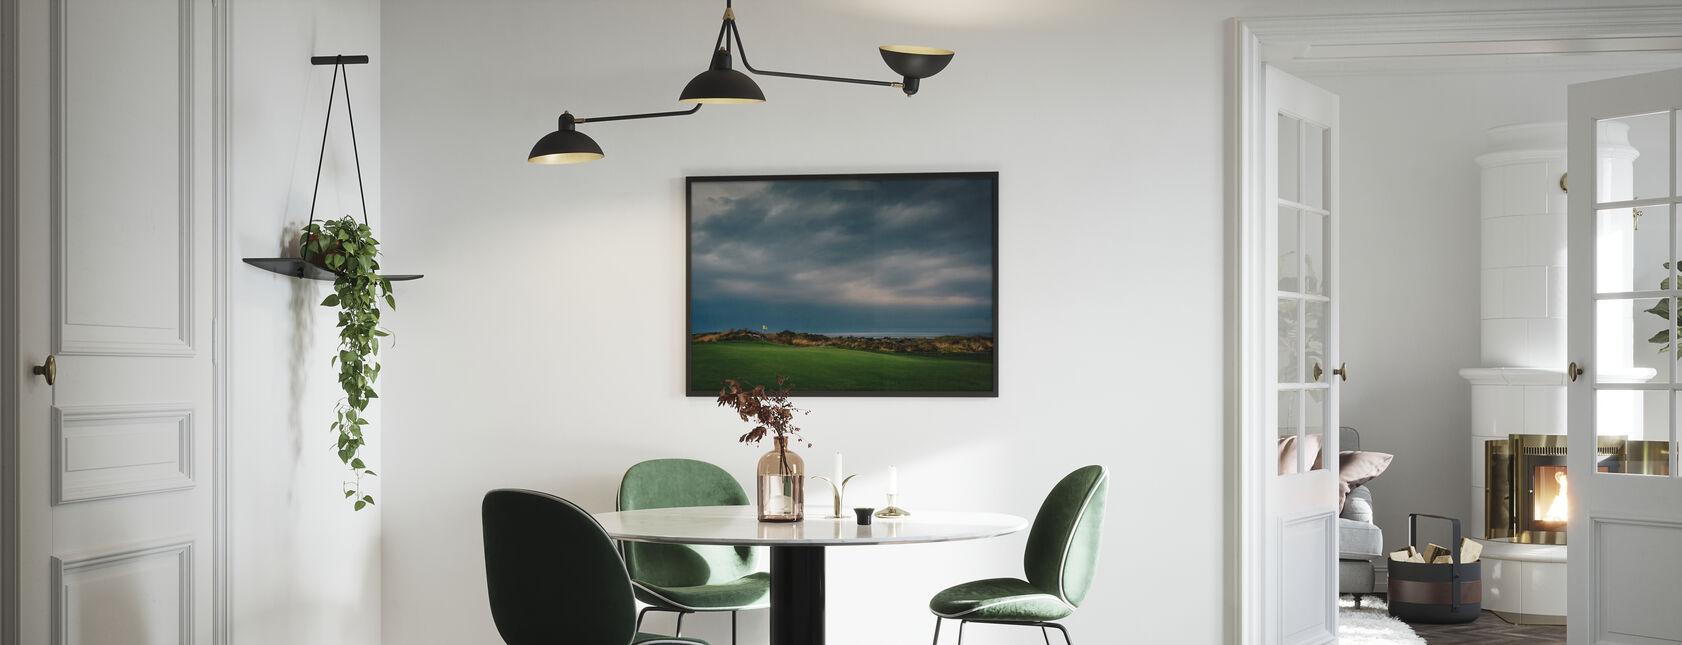 Golfbaan in Lofoten, Noorwegen - Ingelijste print - Keuken